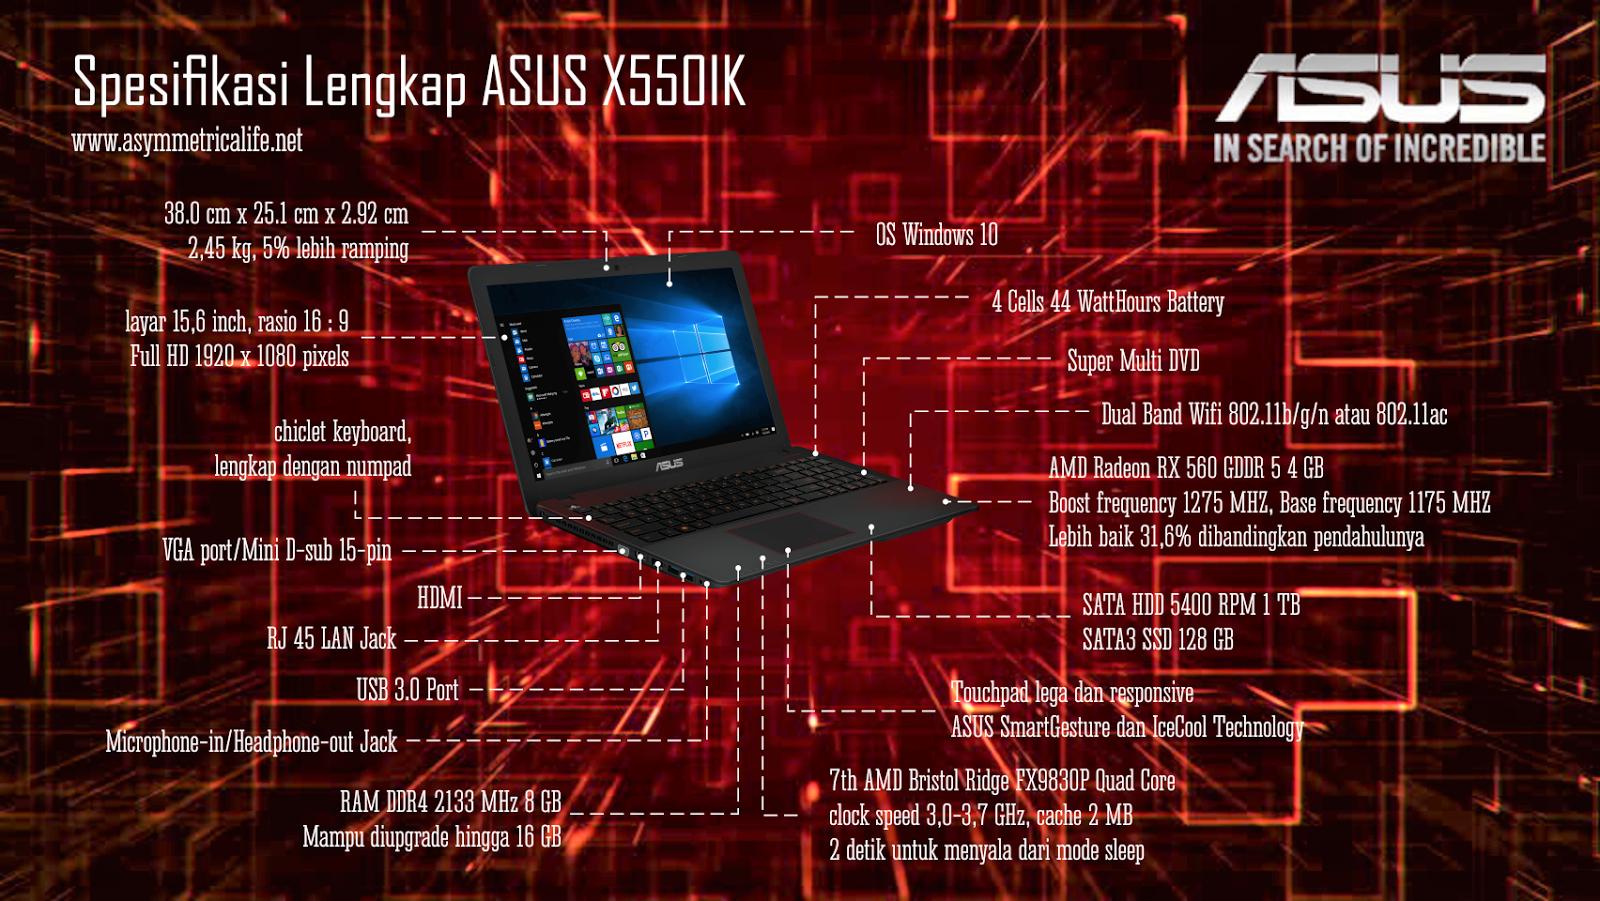 Spesifikasi Lengkap ASUS X550IK